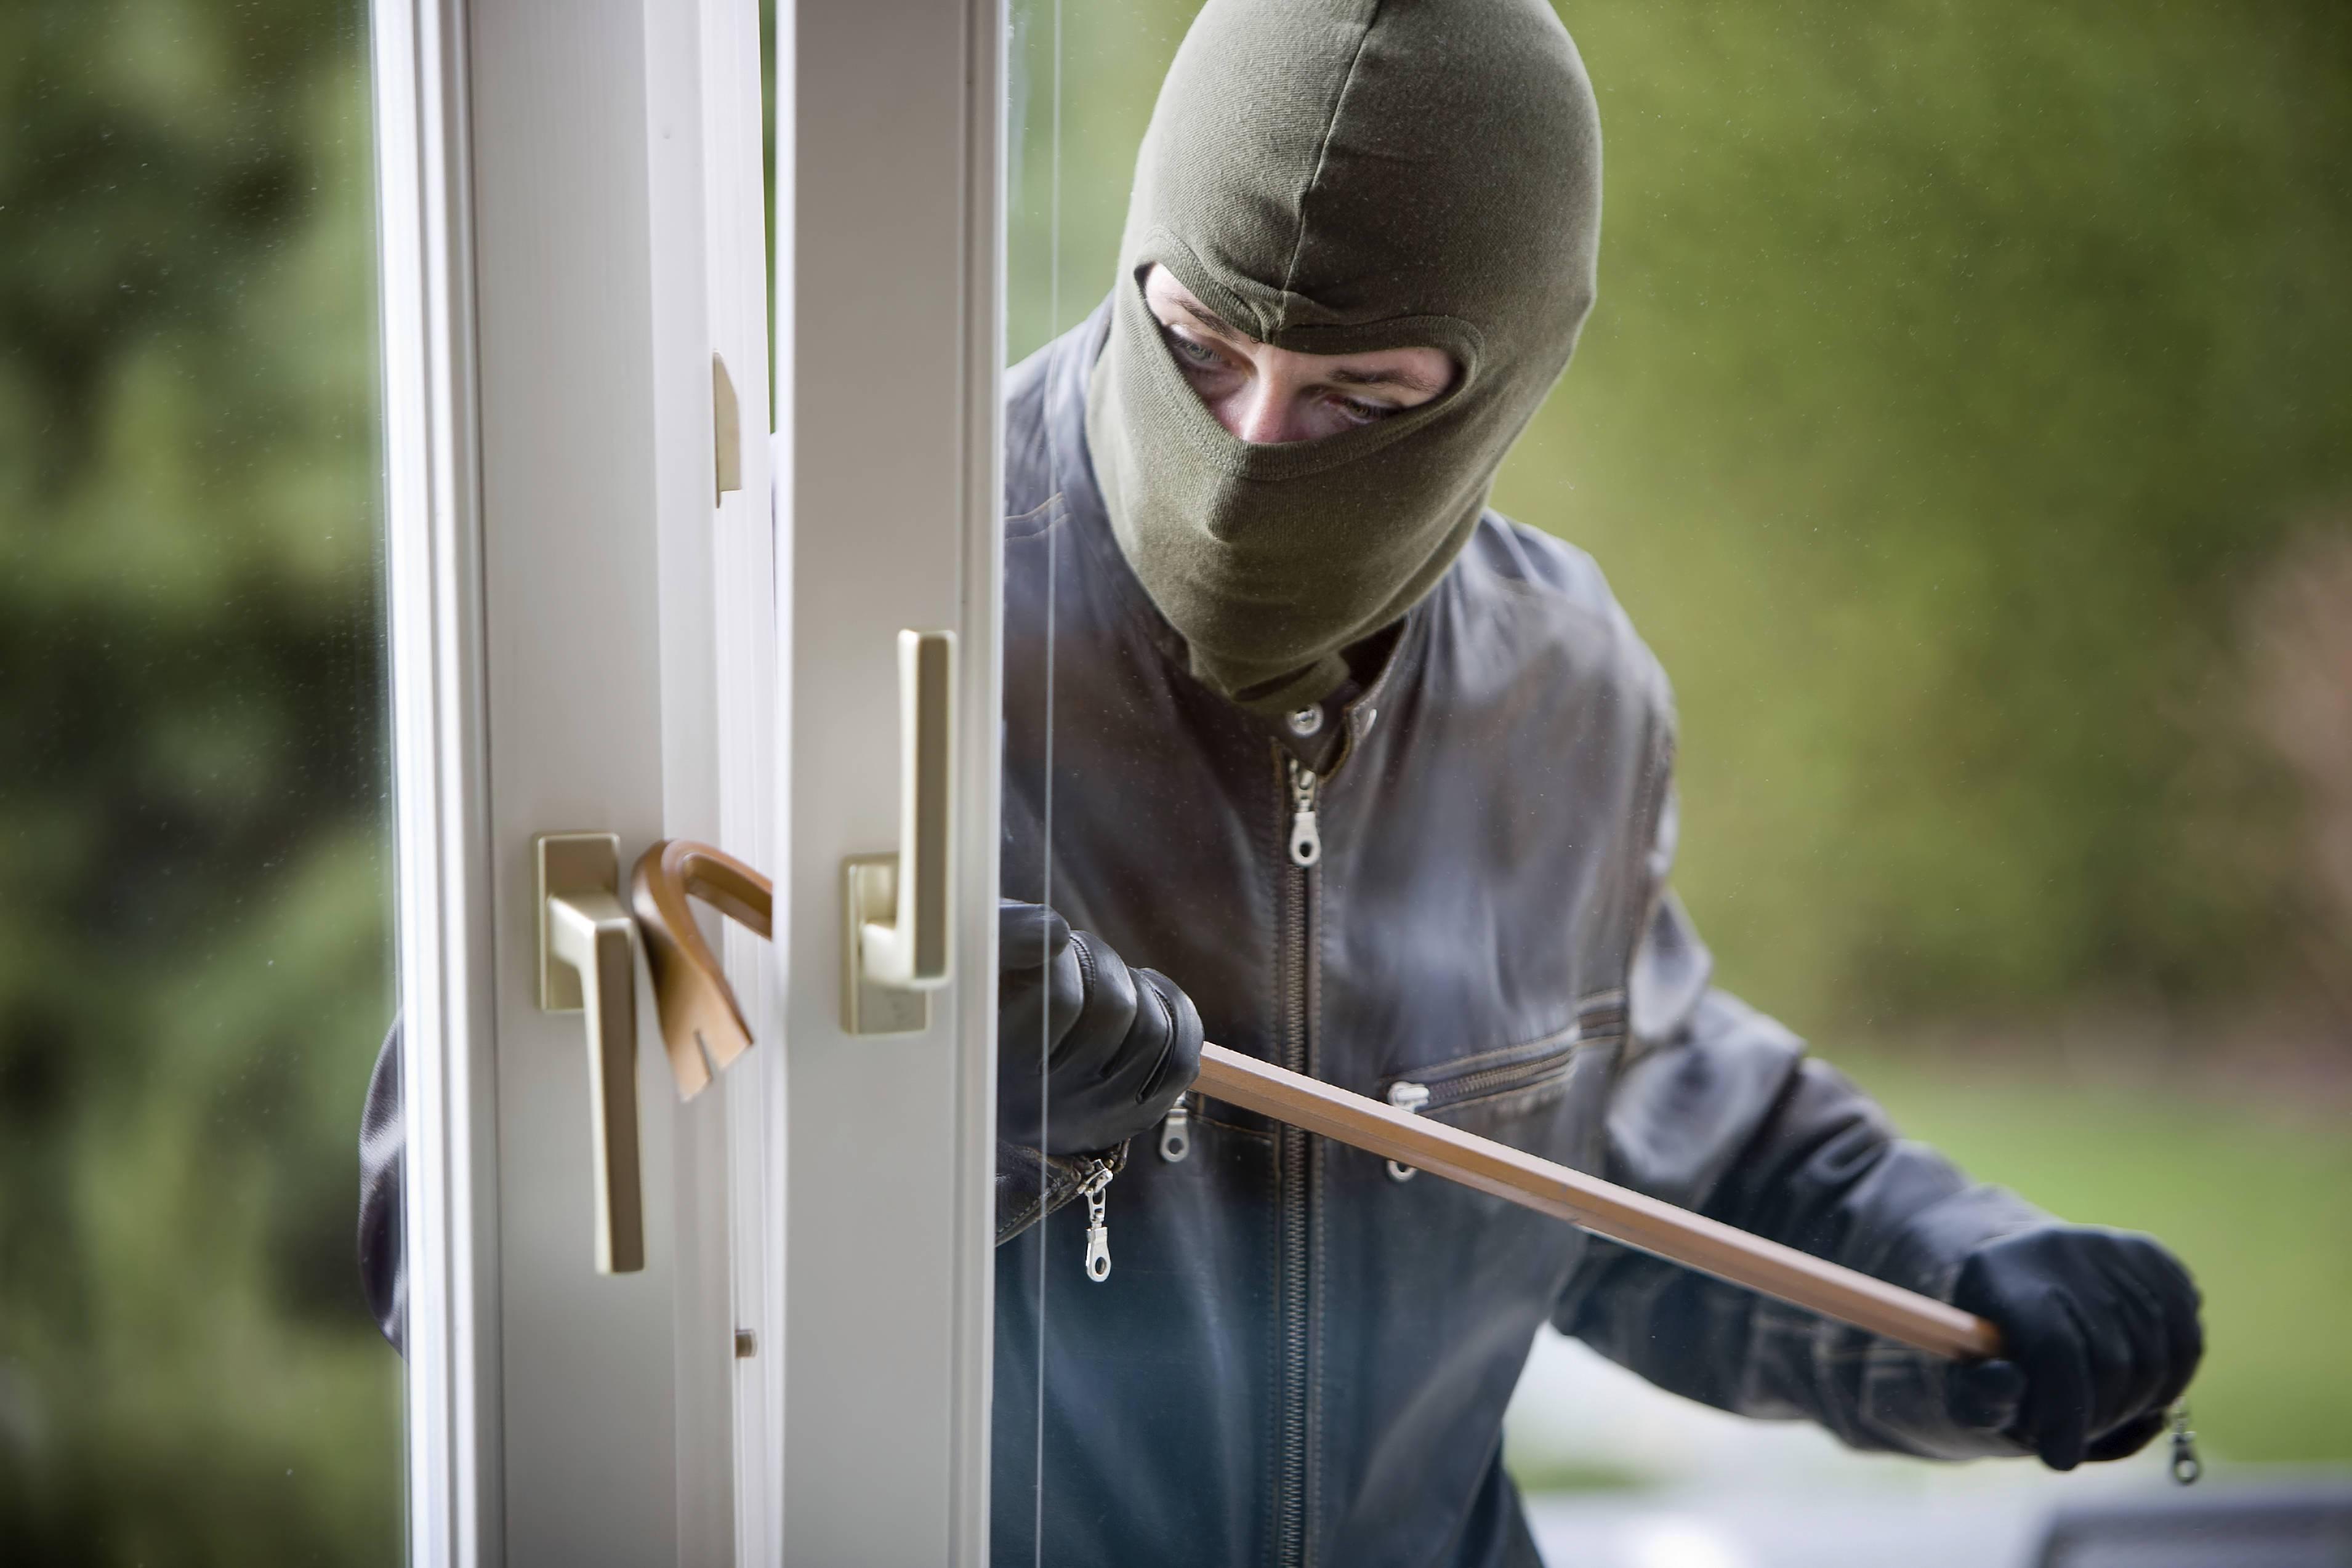 Cerca del 40% de los robos a domicilios ocurren los días sábado y domingo